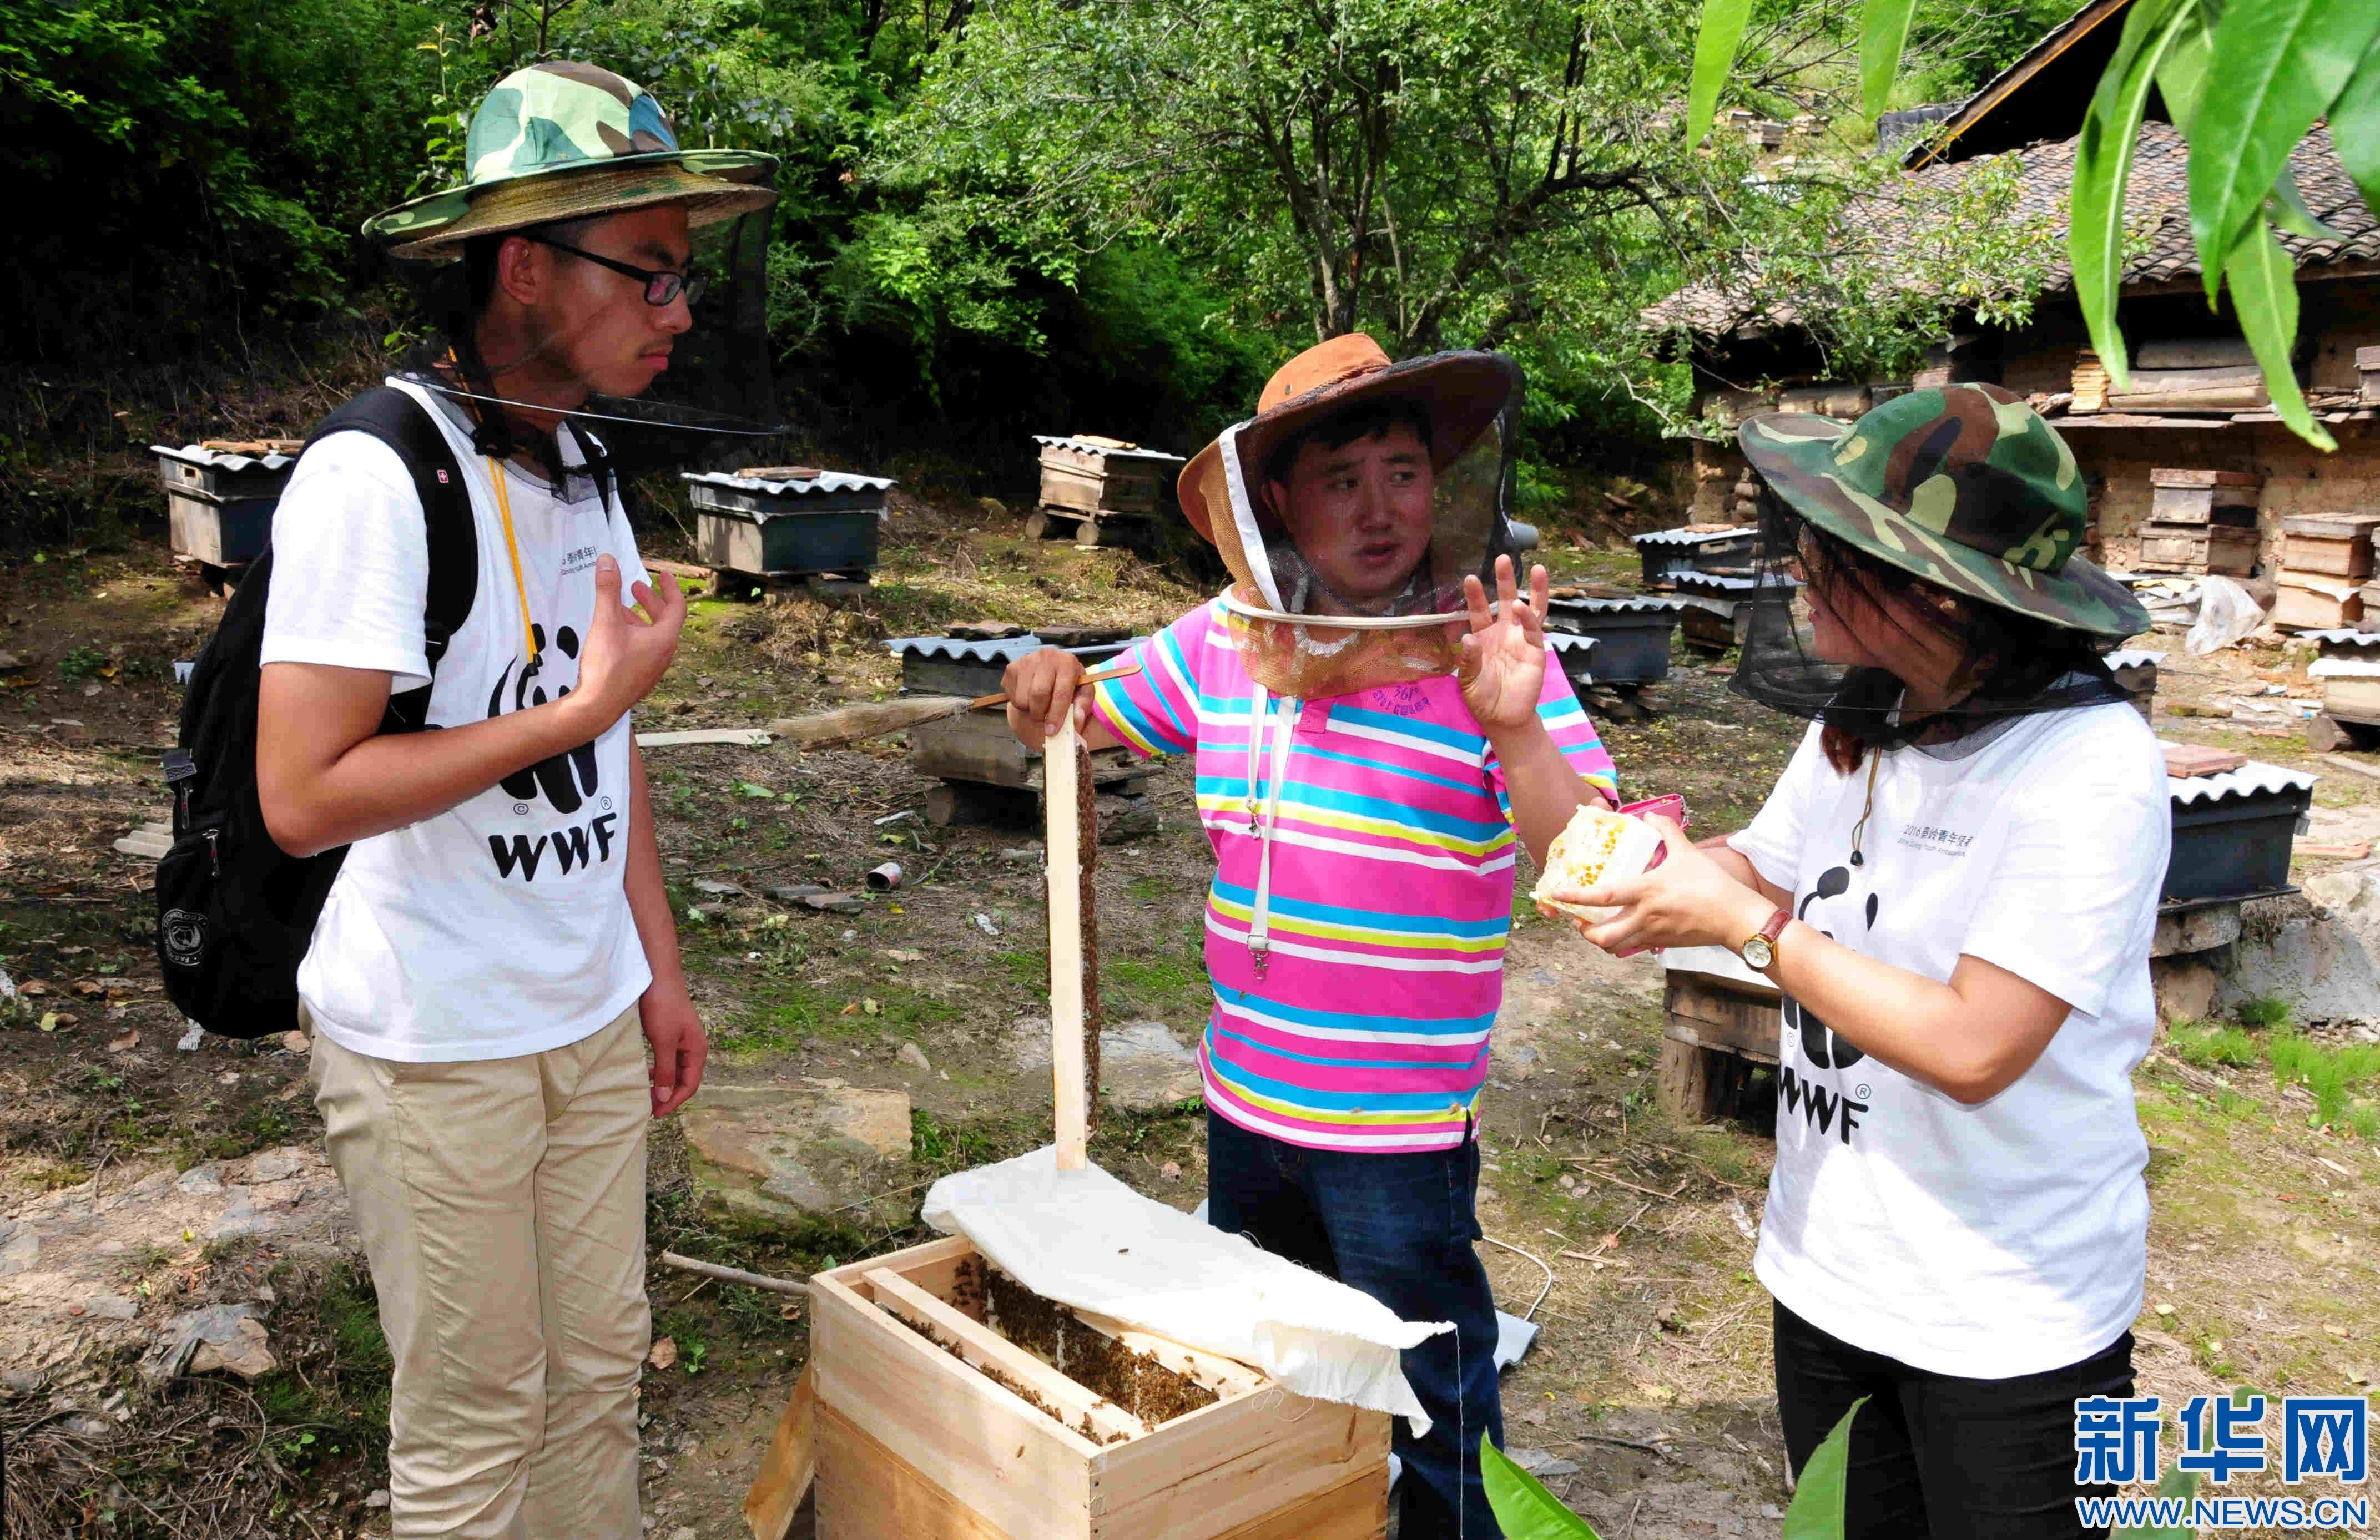 7月21日,西北农林科技大学生物工程学院师生在宁陕县向养蜂大户讲述网络营销方法。 今年暑期,西北农林科技大学暑期三下乡活动遴选350支社会实践服务团队、3900余名师生前往陕西、甘肃、山东等省的20多个地(市),开展科技支农、文化宣传、教育帮扶、环境保护等实践服务。  新华社记者梁爱平摄